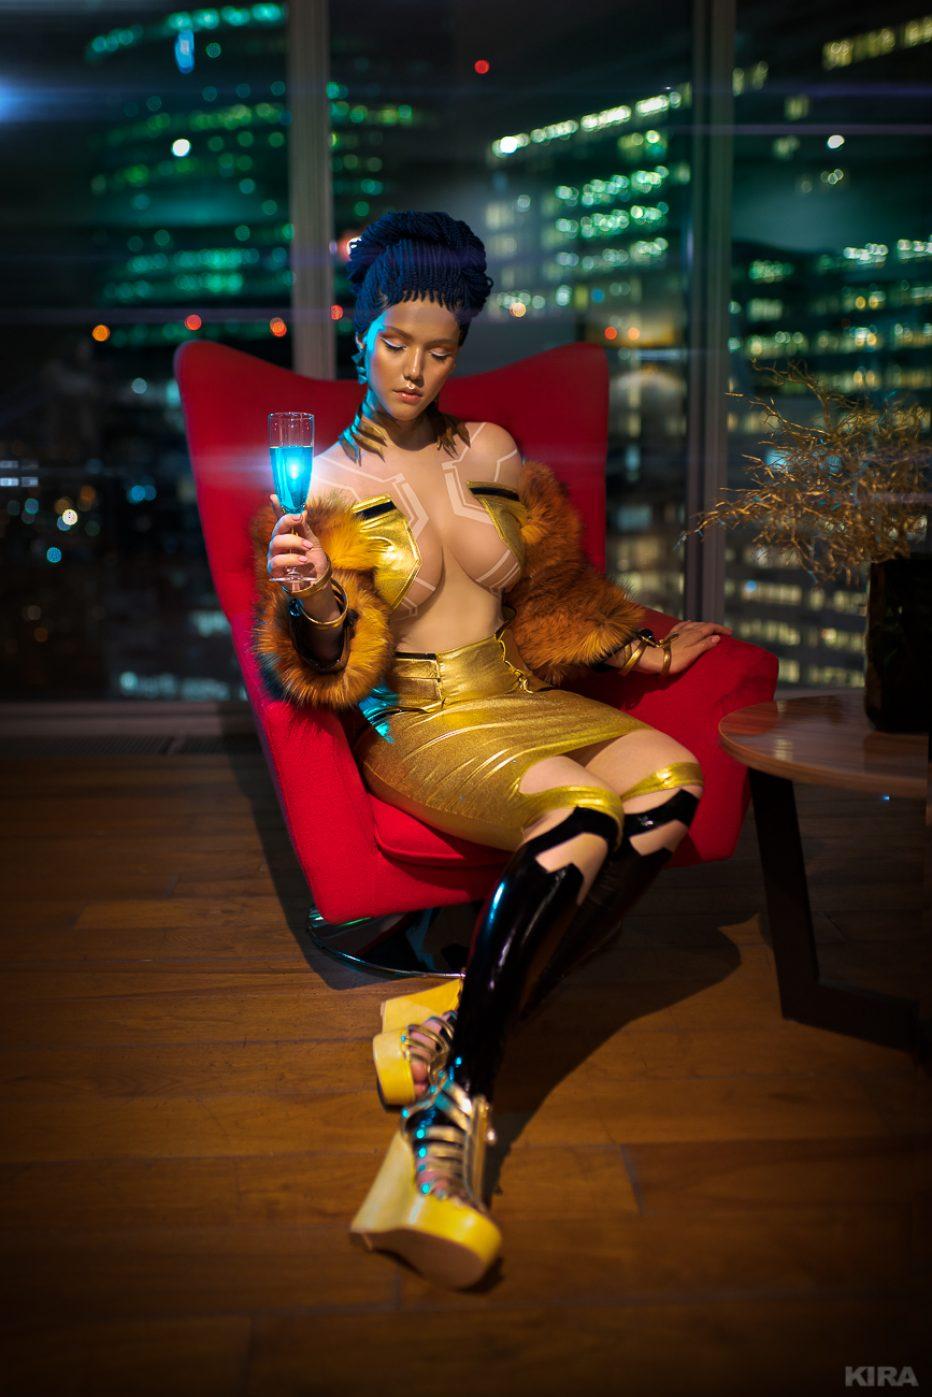 Cyberpunk-2077-Cosplay-Gamers-Heroes-2.jpg